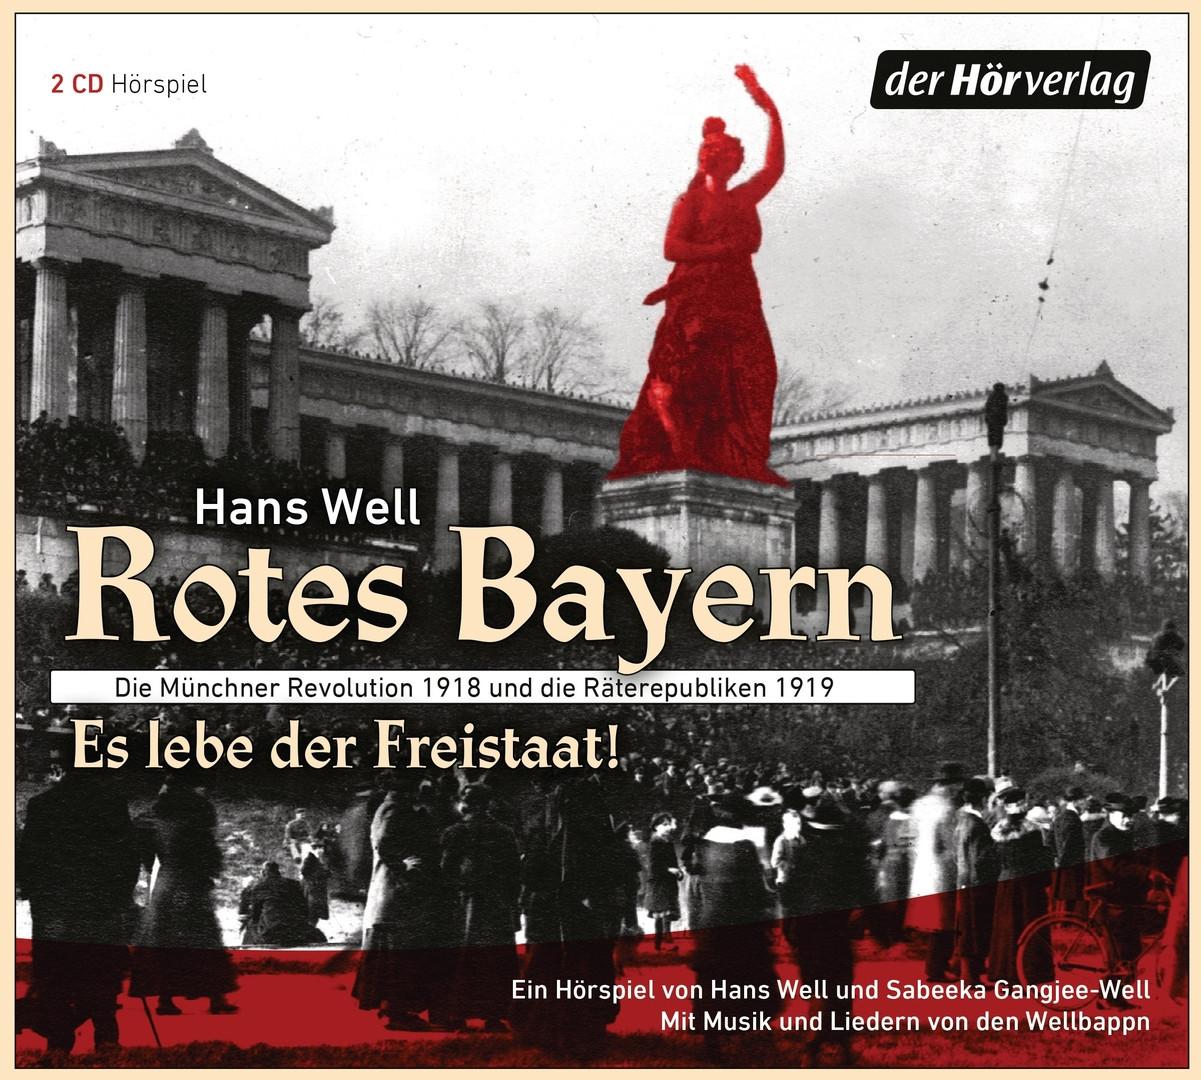 Rotes Bayern - Es lebe der Freistaat: Die Münchner Revolution 1918 und die Räterepubliken 1919. Ein Hörspiel